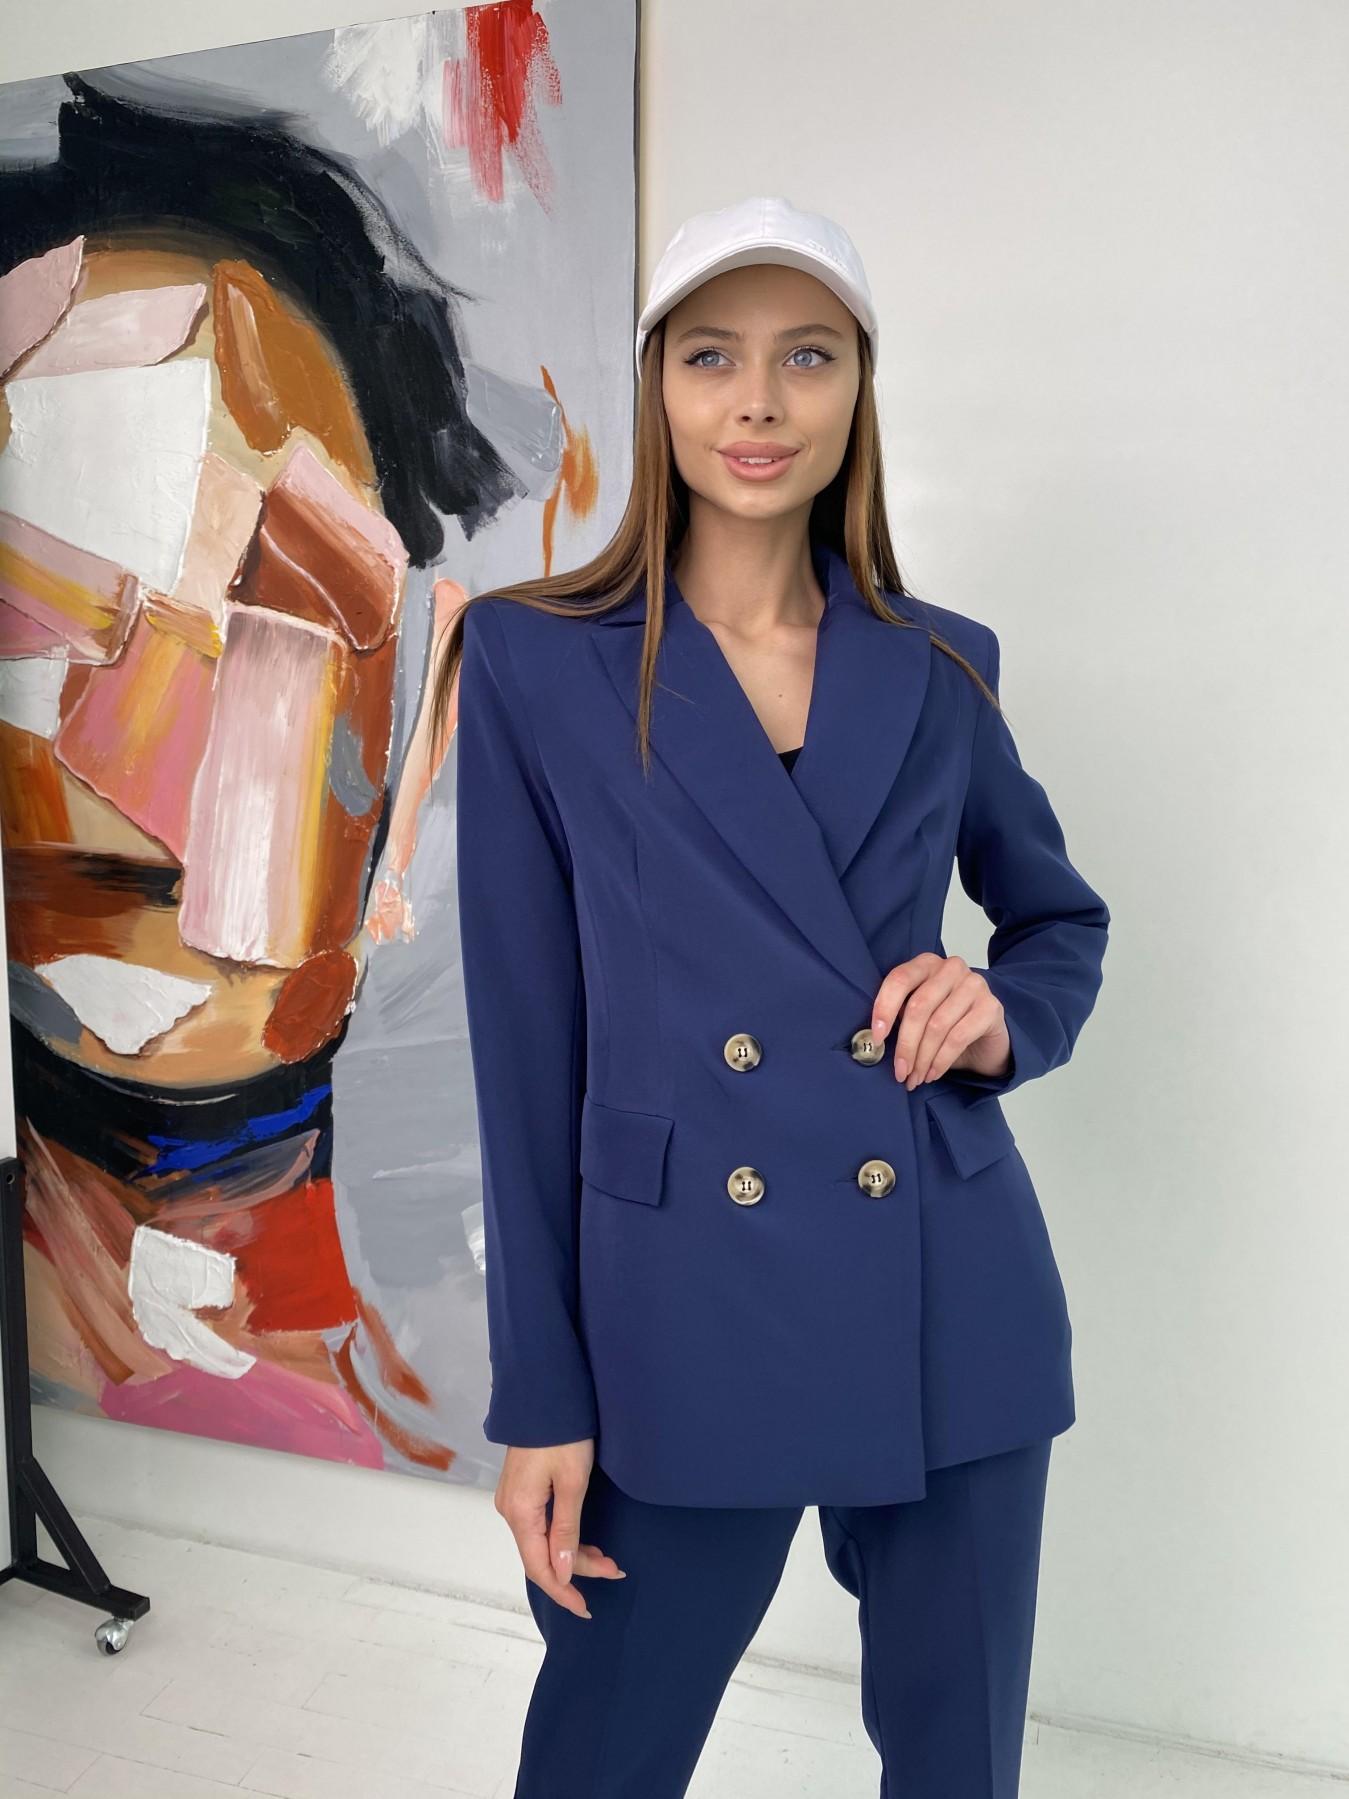 Франко костюм из костюмной ткани 11090 АРТ. 47972 Цвет: Т.синий - фото 1, интернет магазин tm-modus.ru